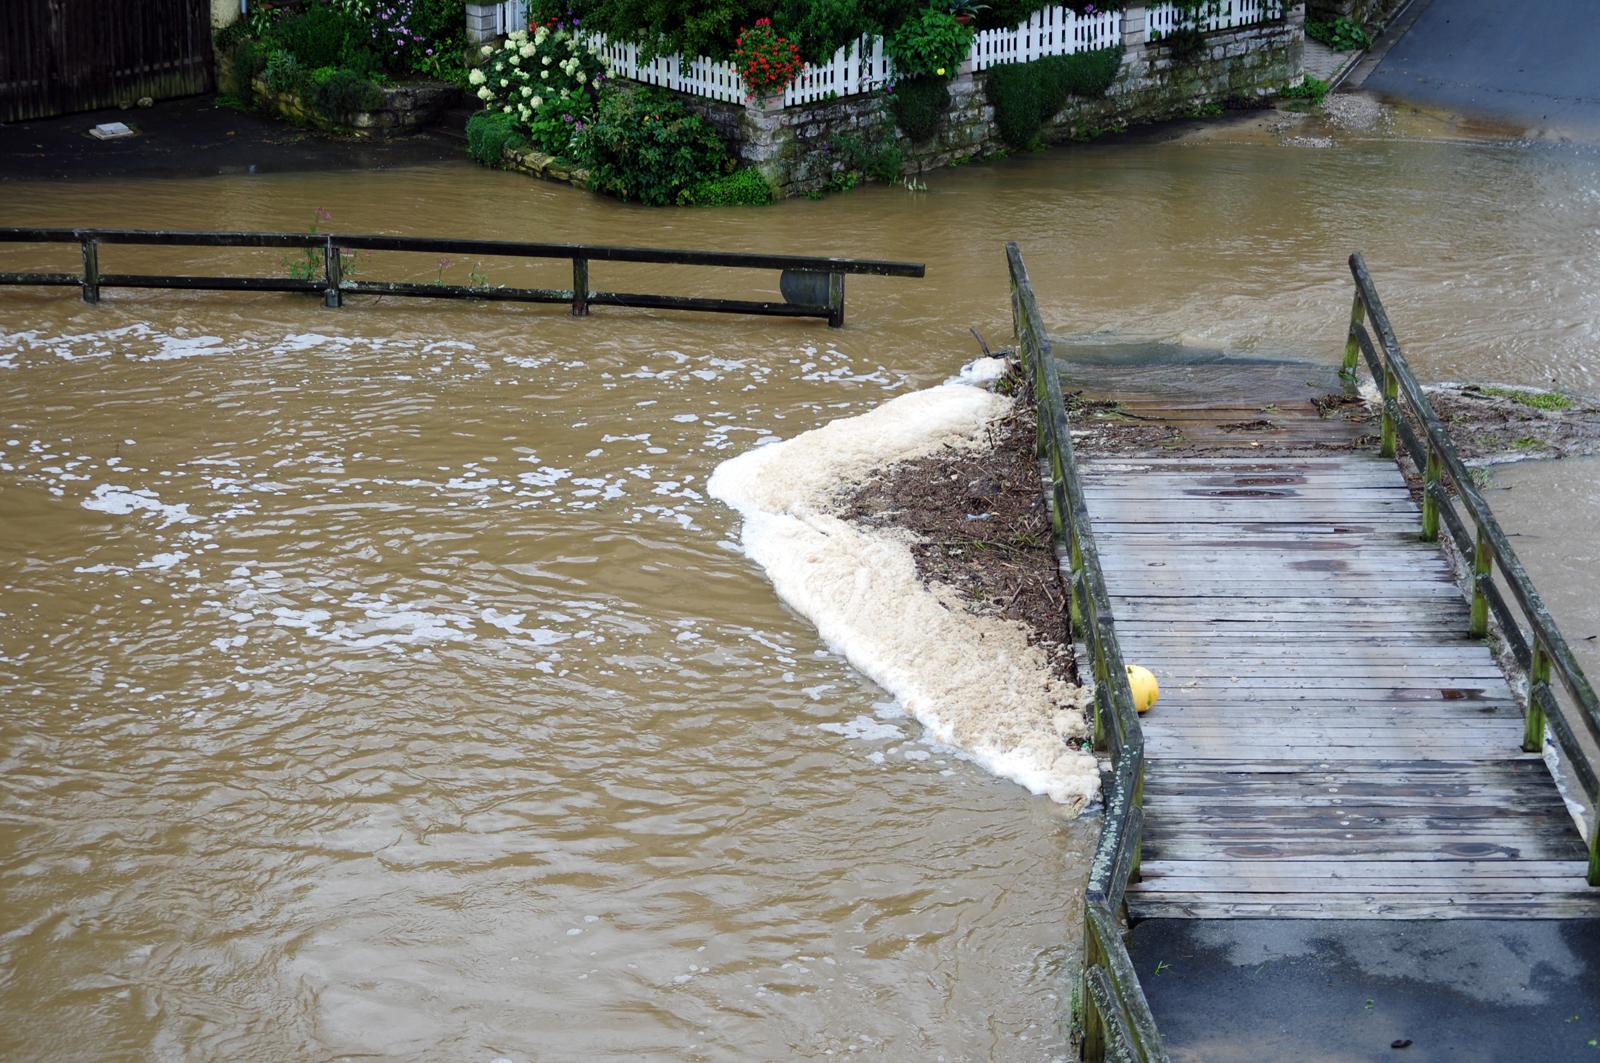 Vieles wurde vom Hochwasser mitgerissen und blieb an der Holzbrücke hängen